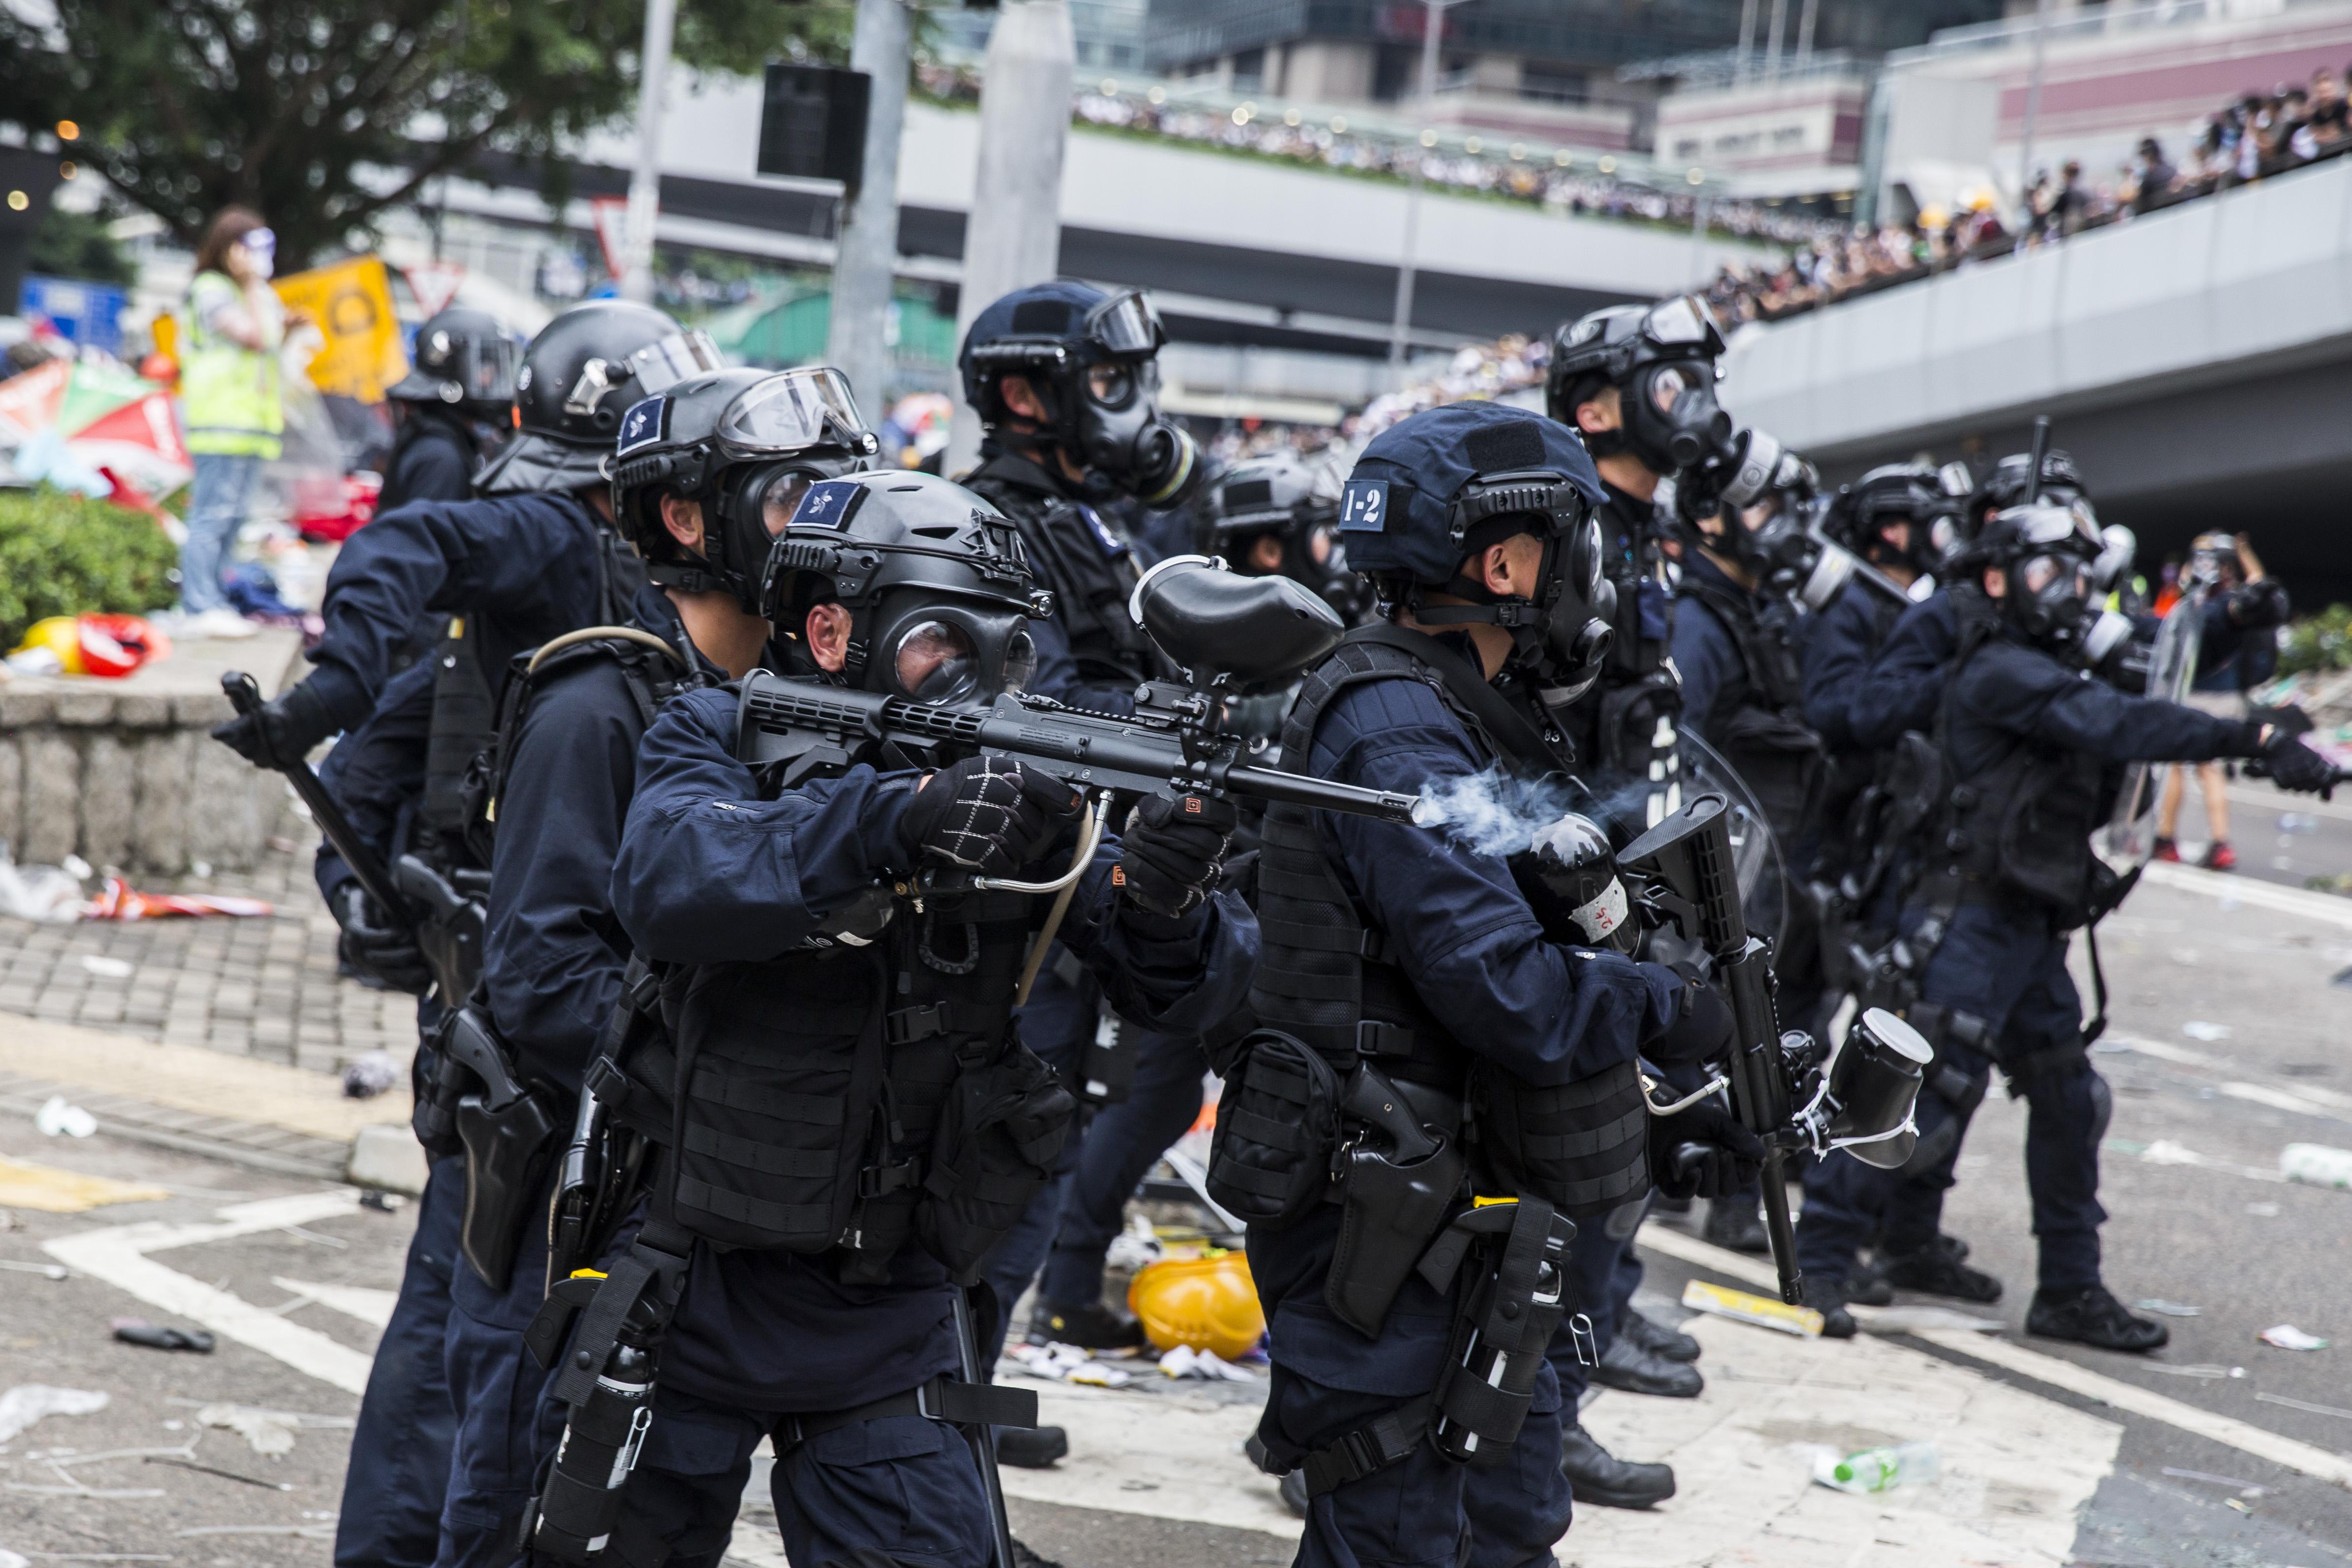 6月12日下午香港警民間爆發數次衝突,警方更一度對民眾開槍,多人受傷送醫。(Getty Image)